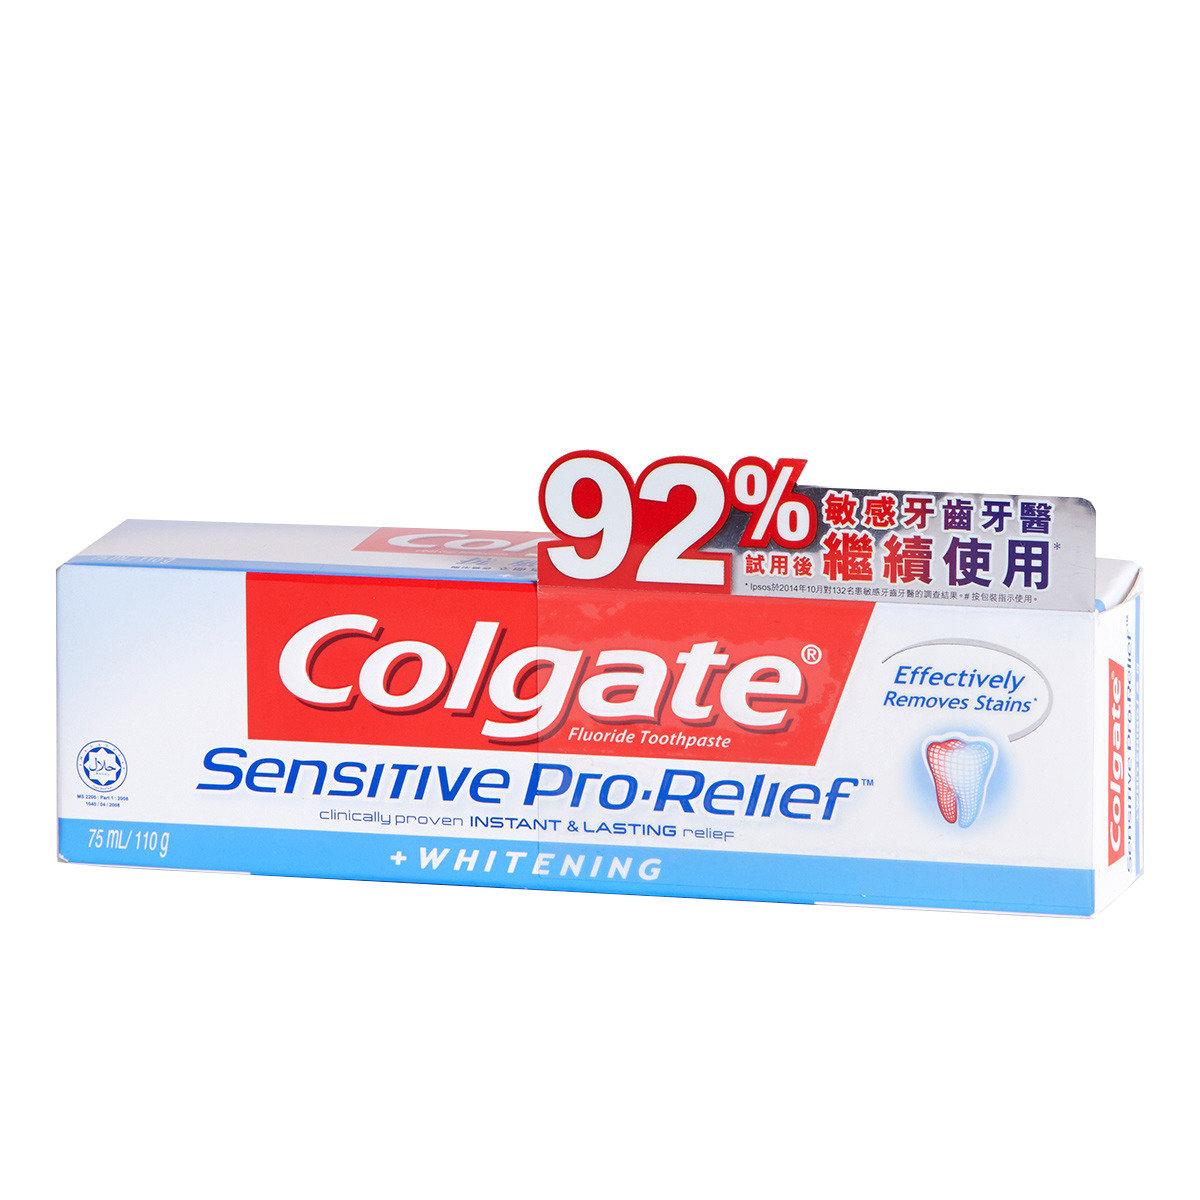 抗敏專家美白牙膏